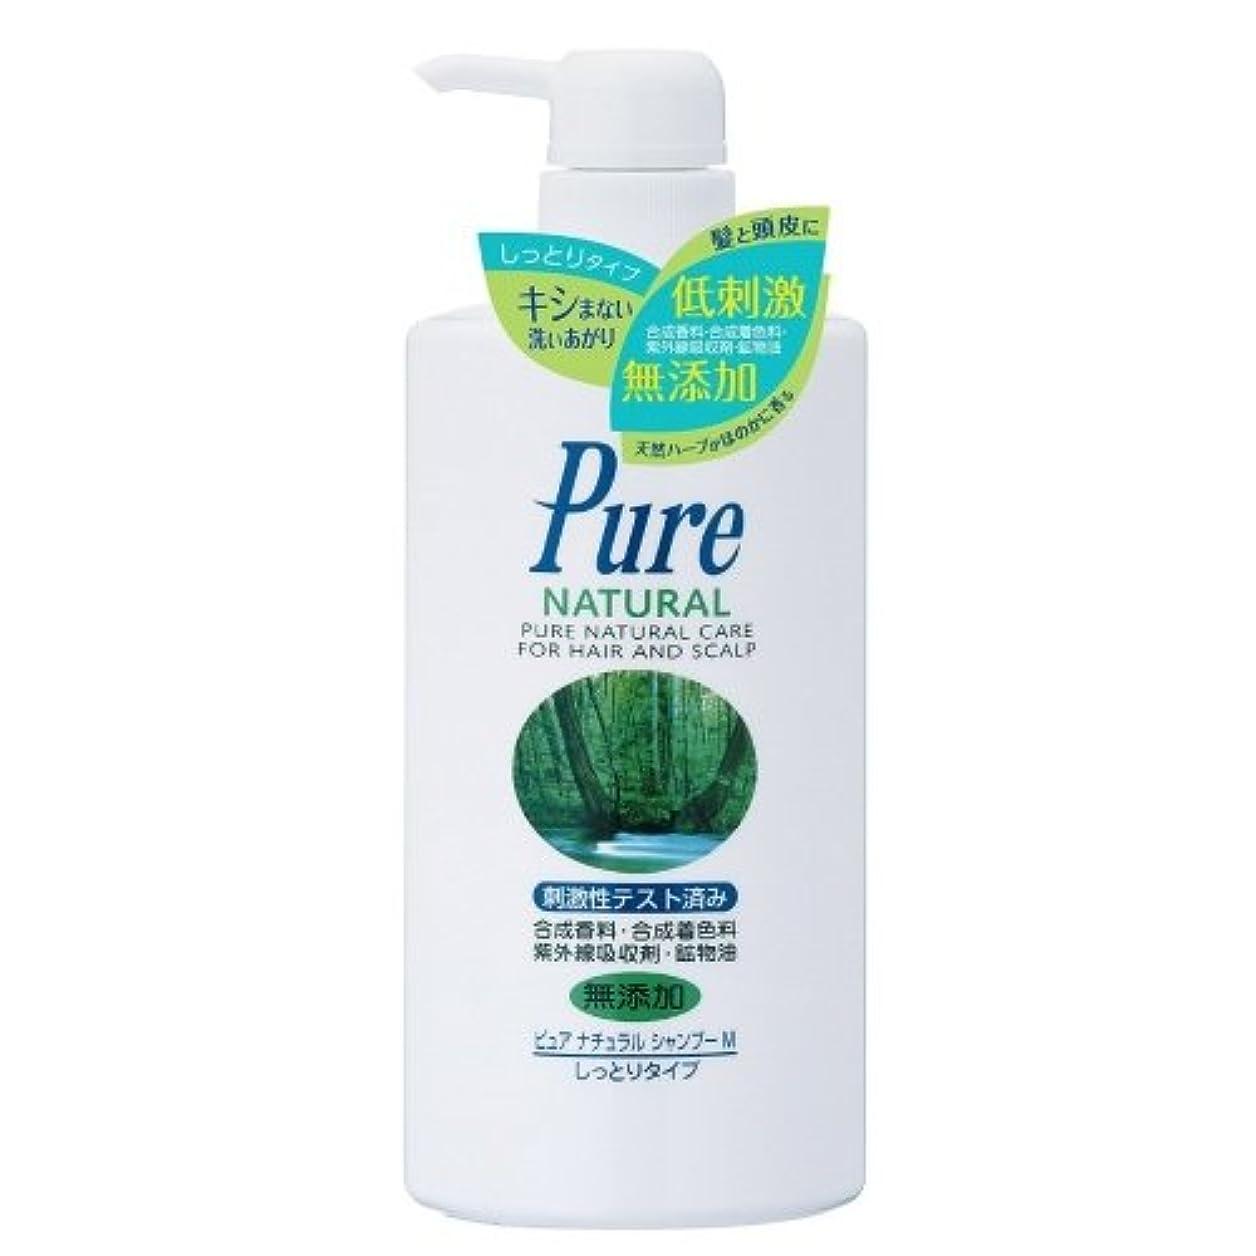 エクスタシー化粧部分Pure NATURAL(ピュアナチュラル) シャンプー M (しっとりタイプ) 500ml